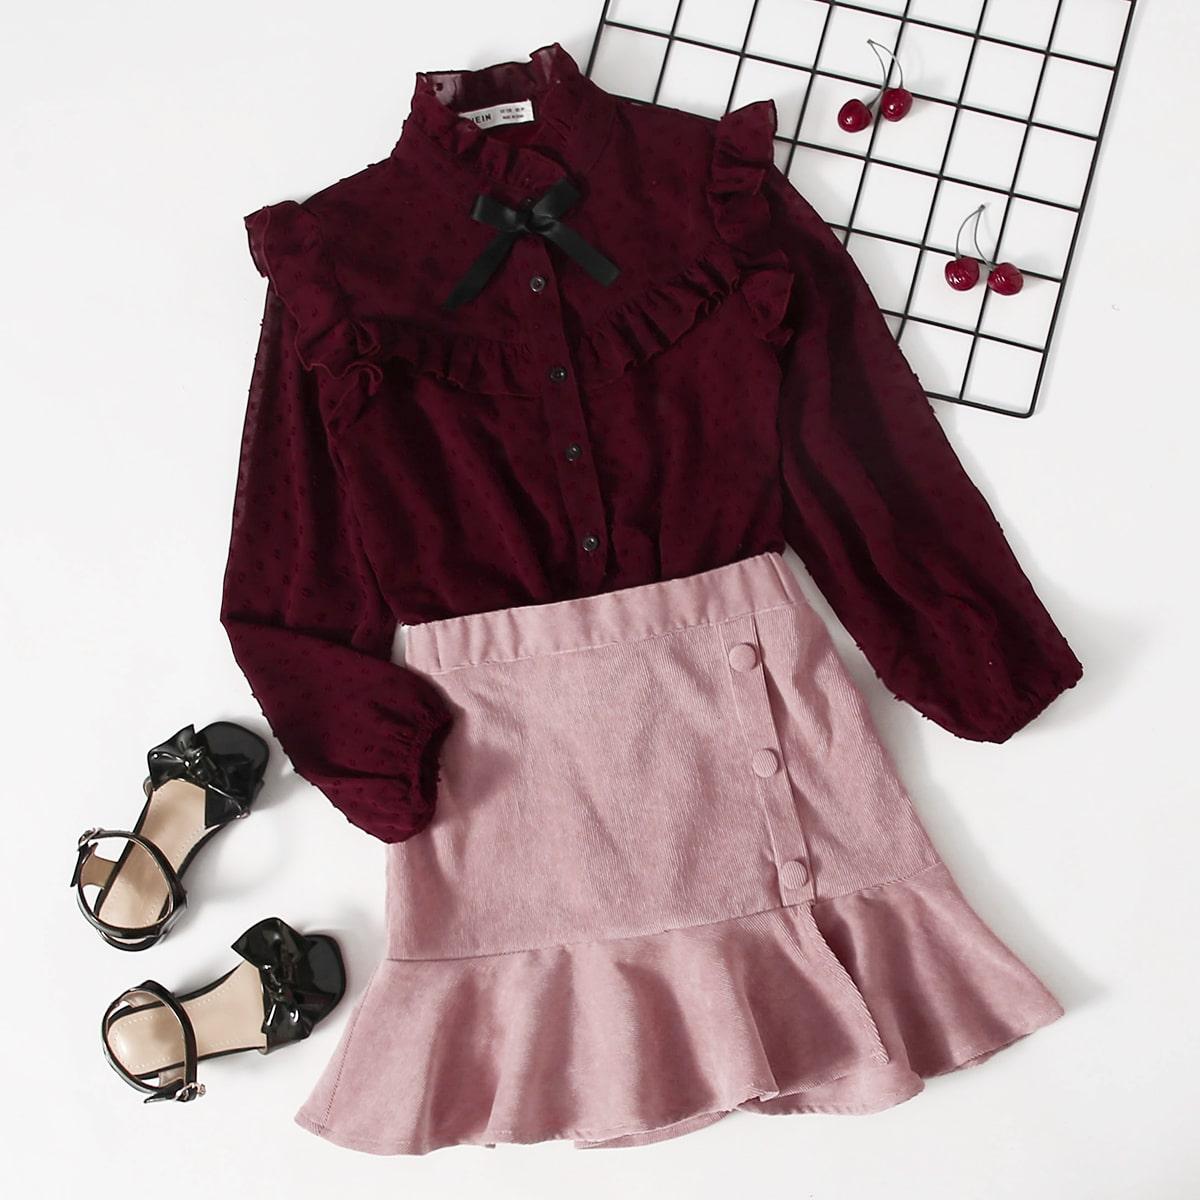 SHEIN / Bluse mit Knoten vorn, Punkten Muster und Kord Rock mit Schößchensaum